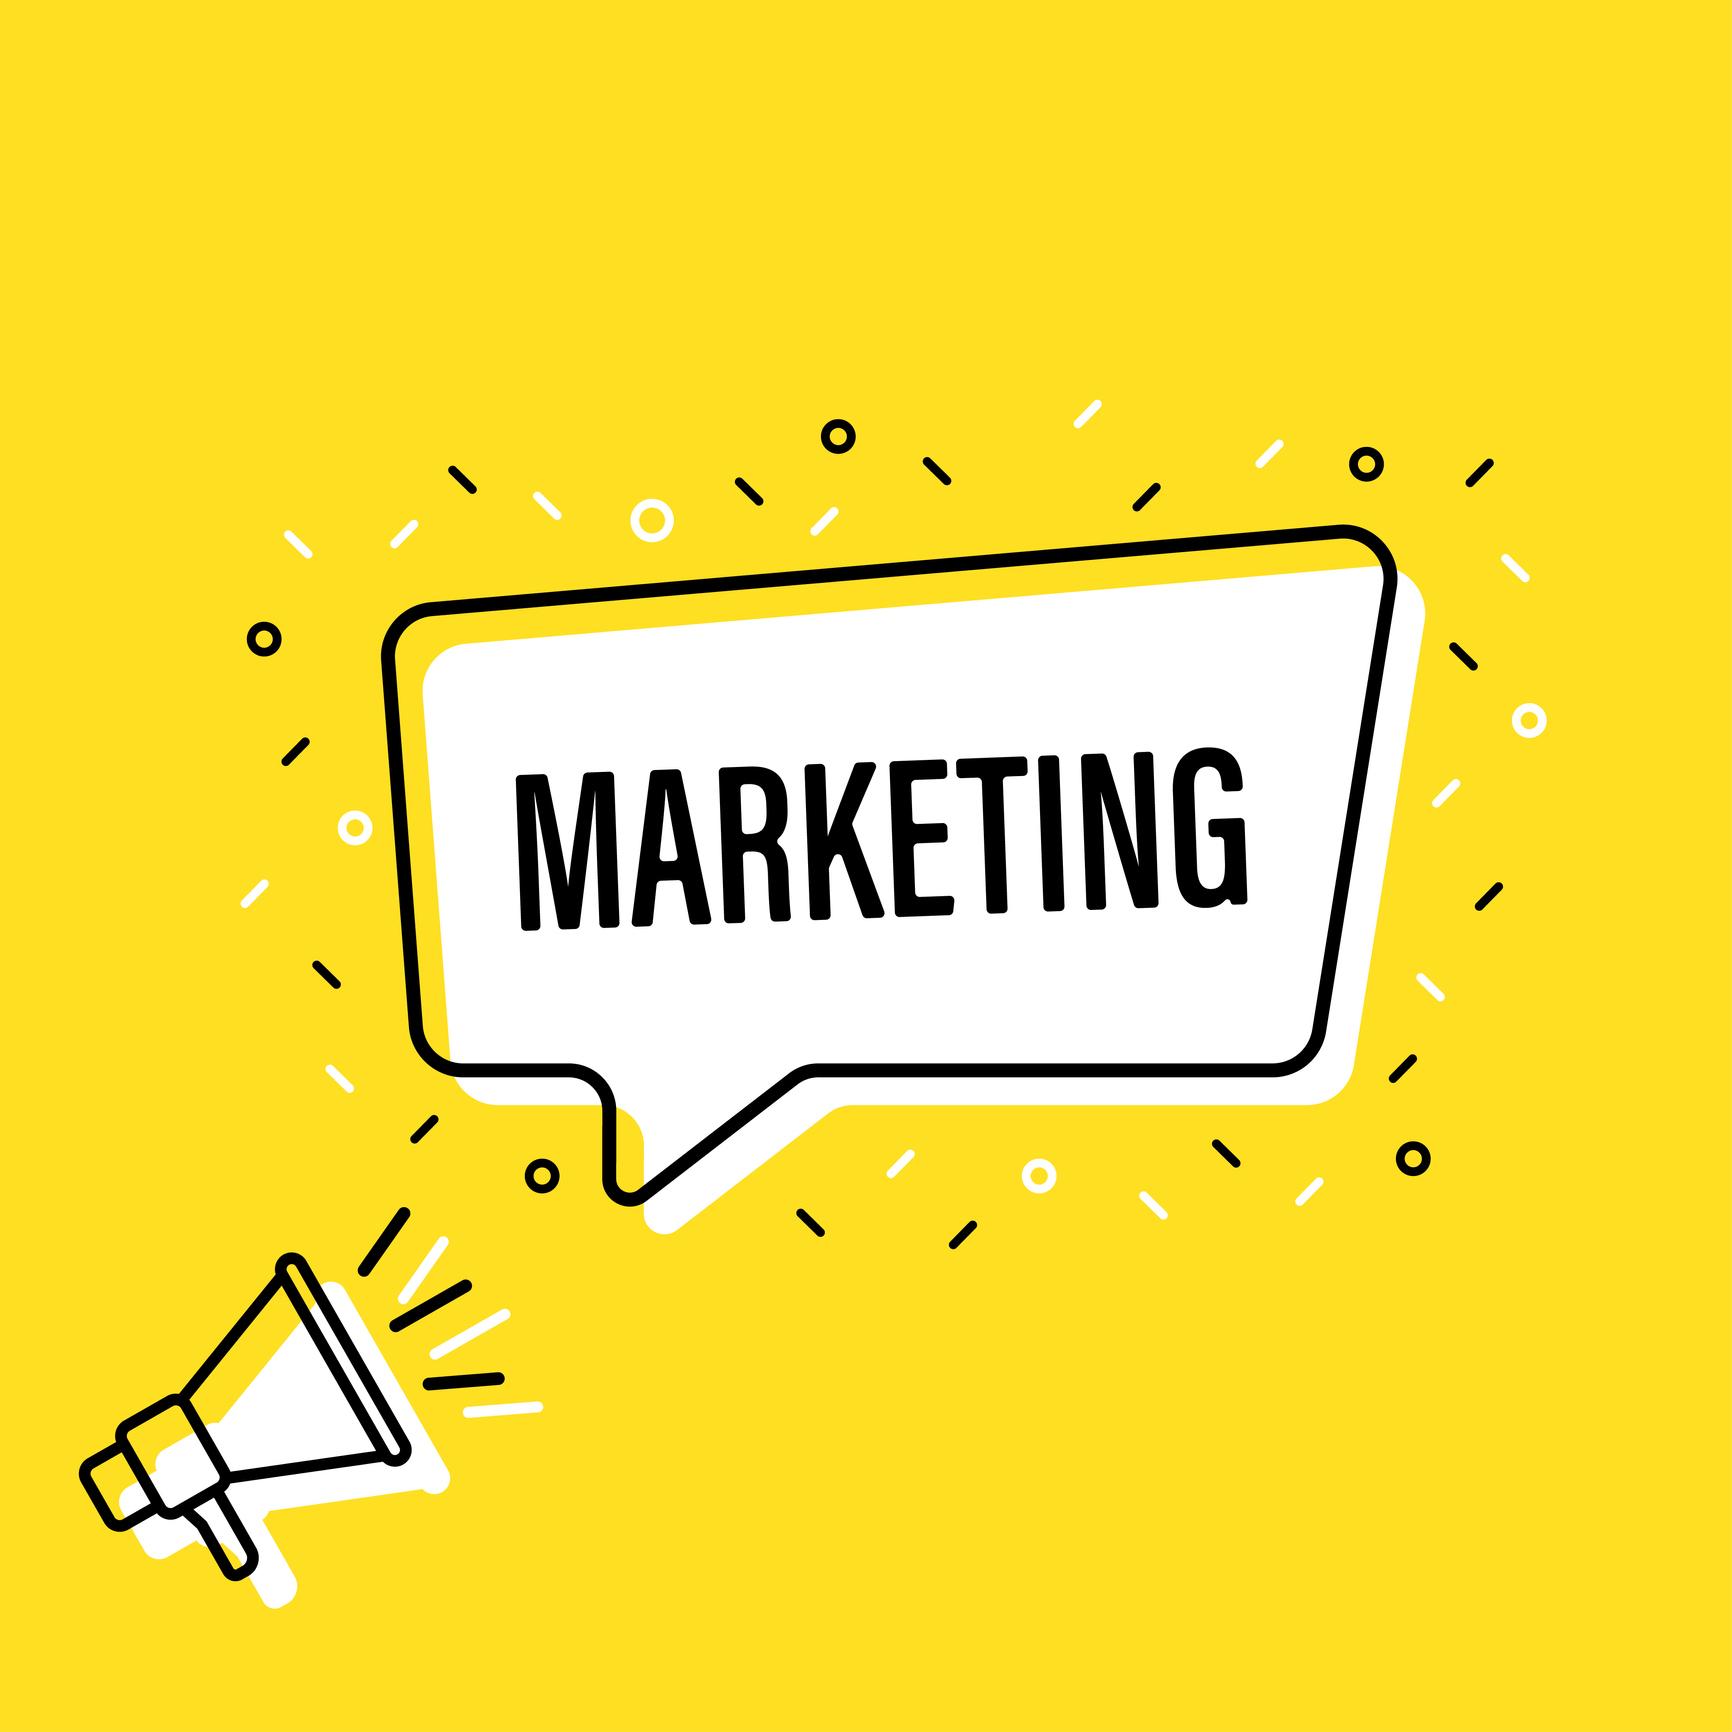 Le marketing social influence les publics à changer de comportement dans l'intérêt de leur santé